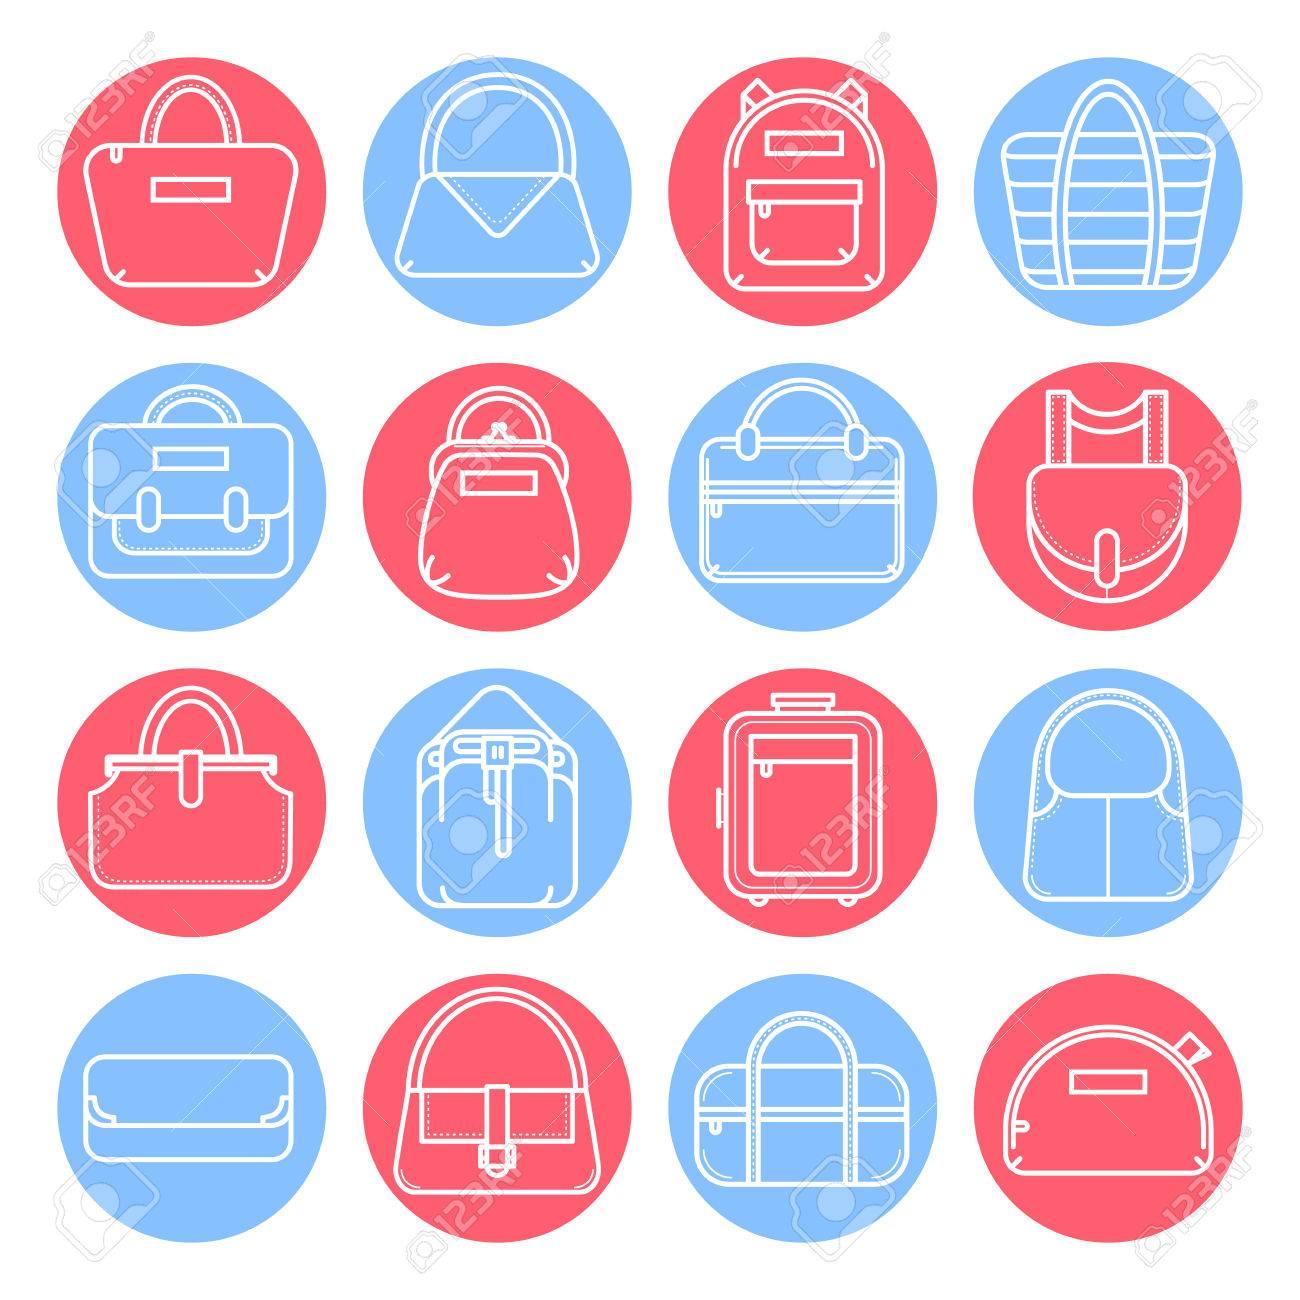 bb7554608 Conjunto De Iconos De Líneas Bolso De La Manera En Los Círculos De Color  Rojo Y Azul, Ilustración Vectorial Aislados En Fondo Blanco.